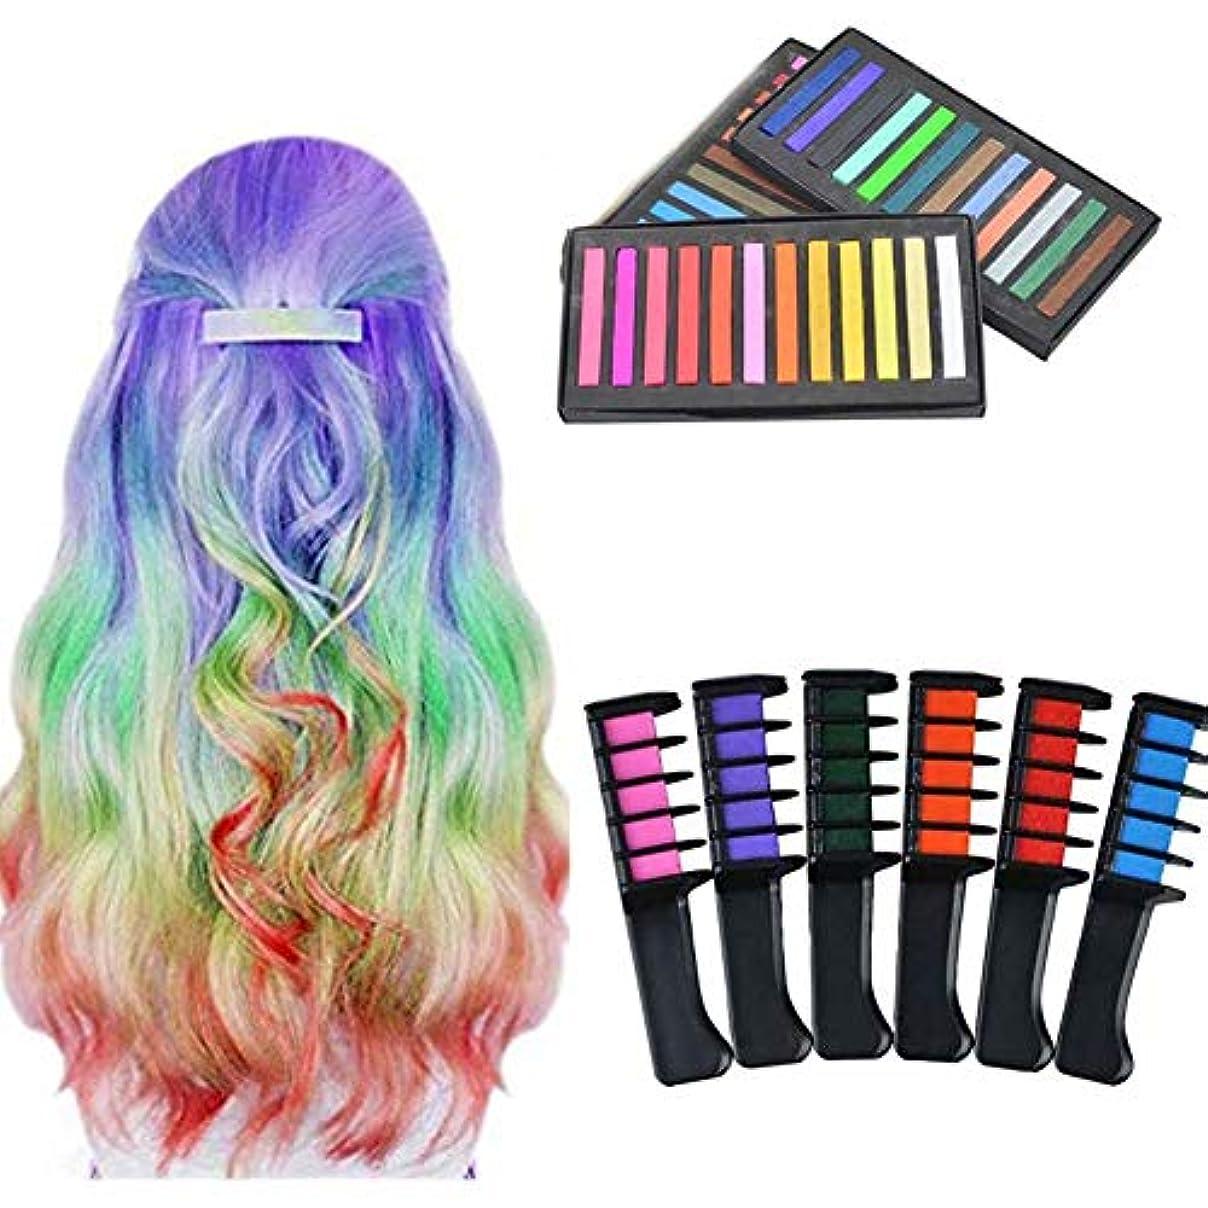 バンケット芝生ドアキッズパーティー洗える髪染めペットキット(6色+ 36色ヘアスティック)のための髪染料チョーク櫛一時的な色